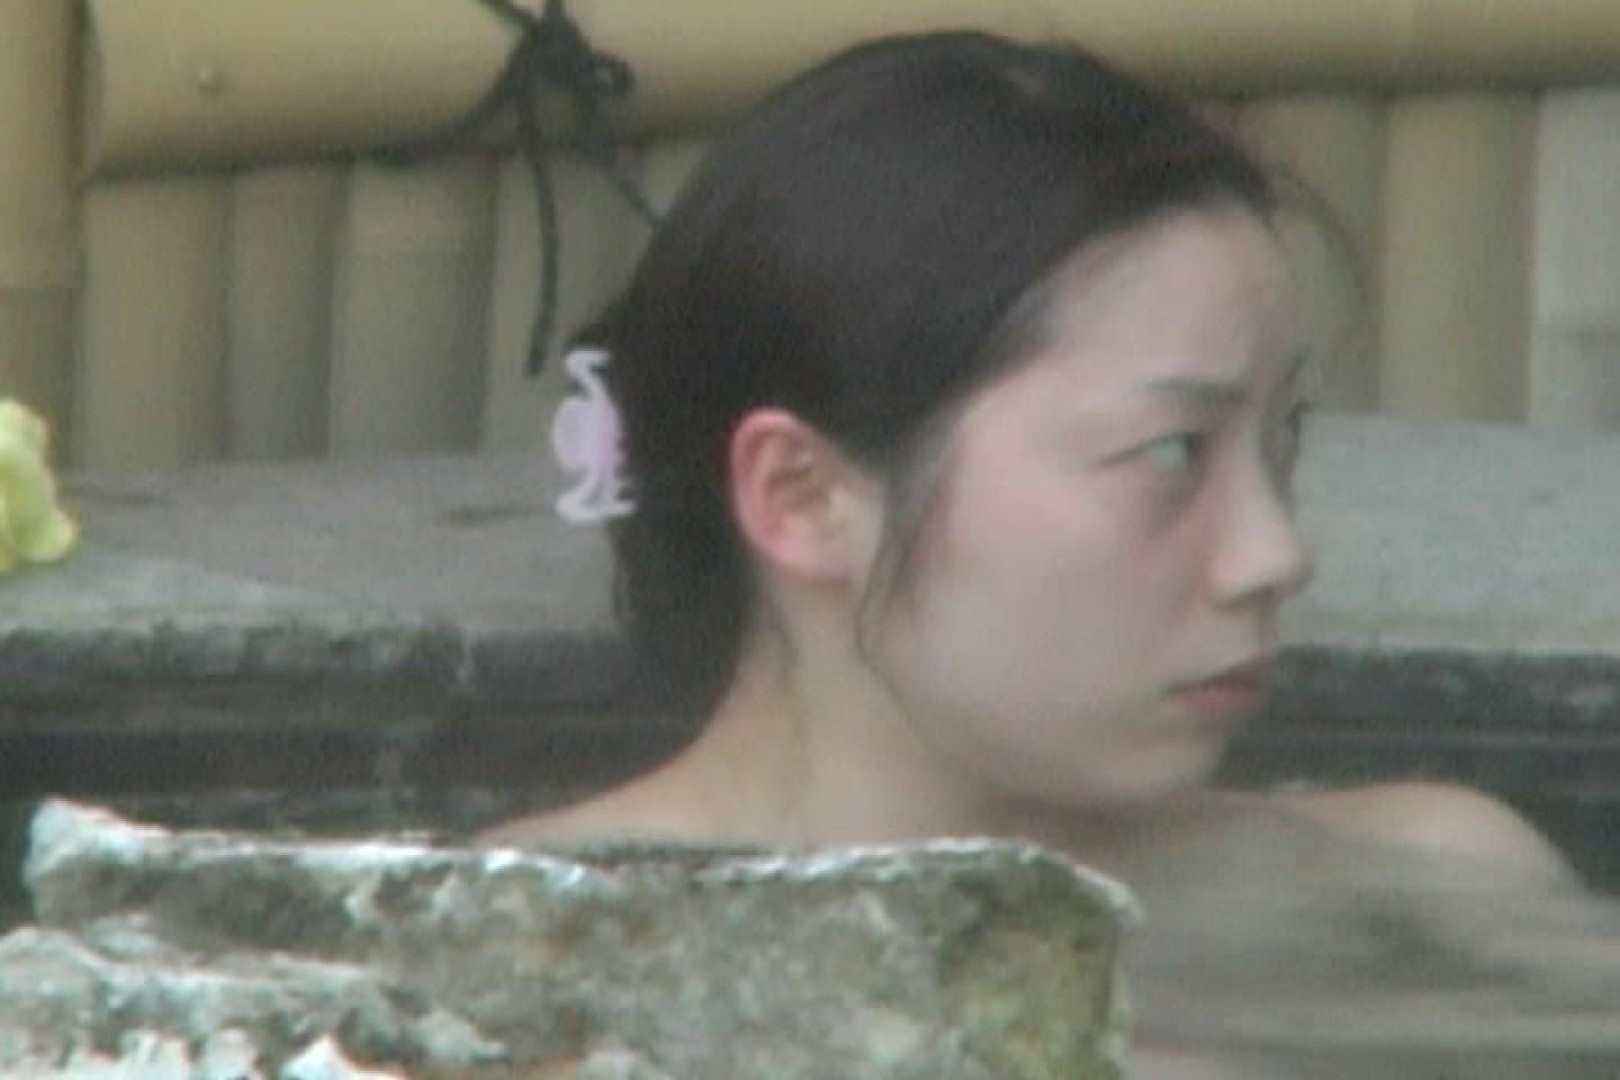 Aquaな露天風呂Vol.596 盗撮シリーズ  113PIX 20